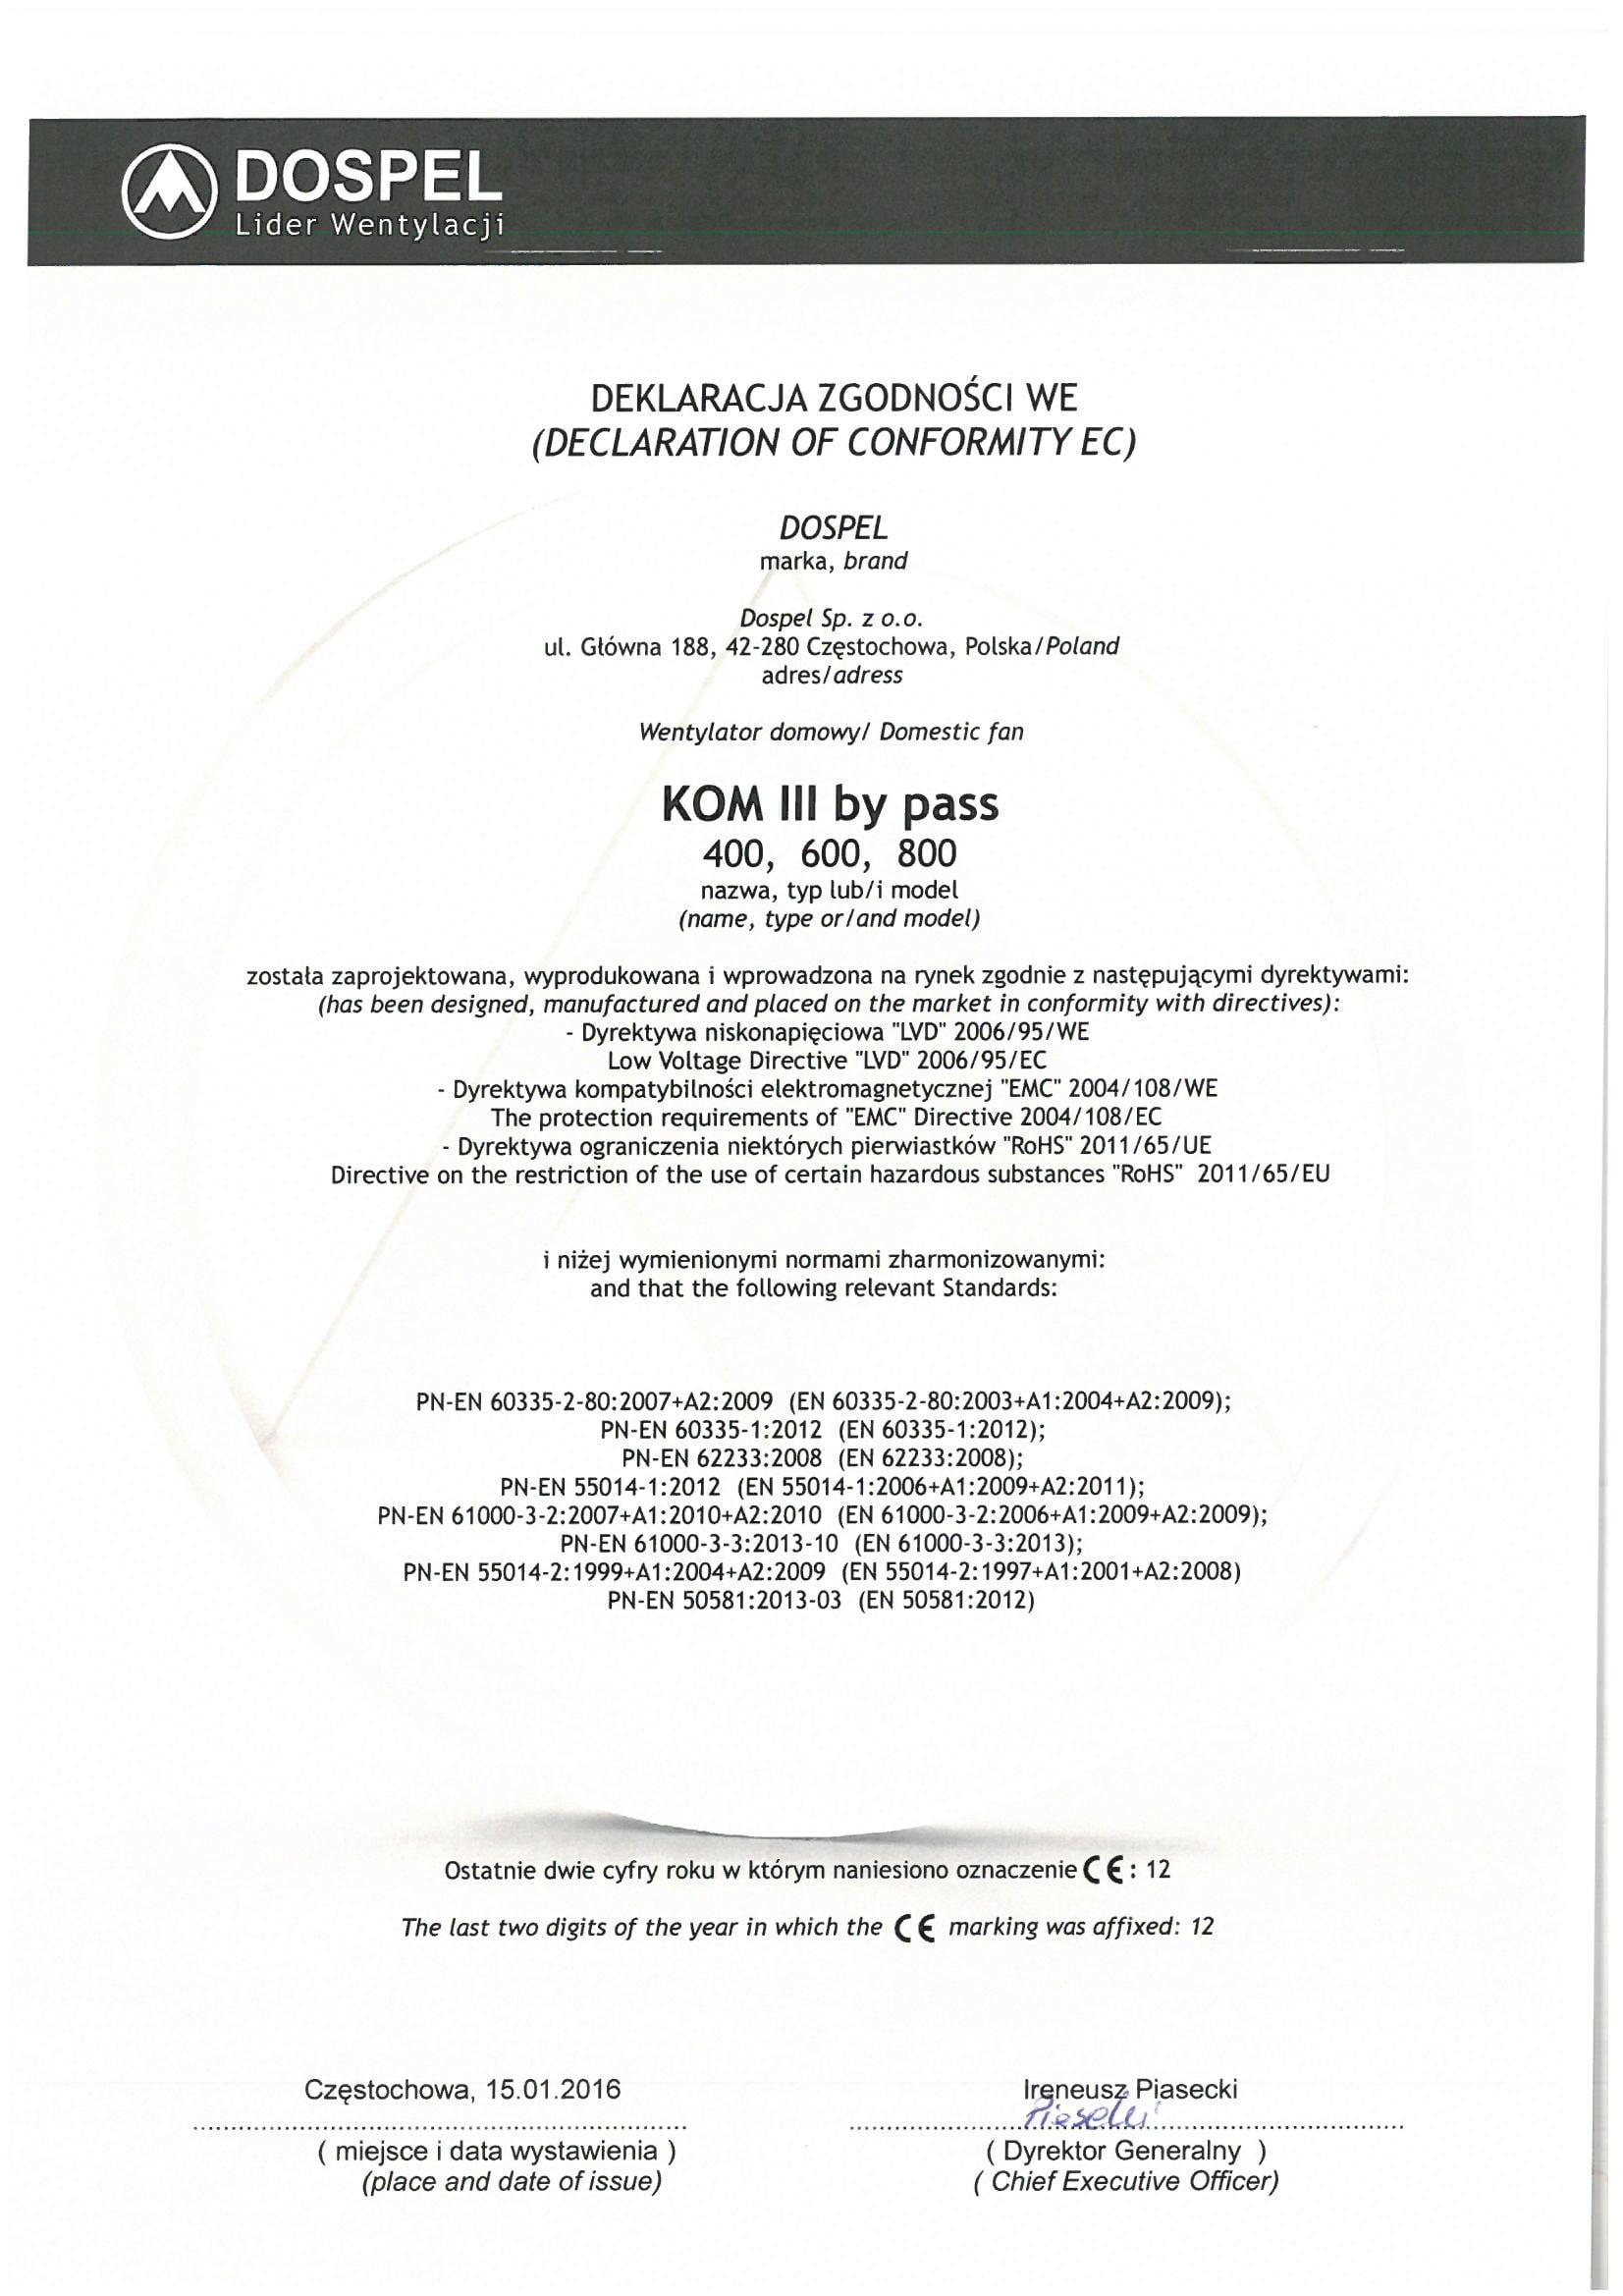 Wentylatory przemysłowe kominowe, KOM III, certyfikat, deklaracja zgodności, producent wentylatorów, Dospel